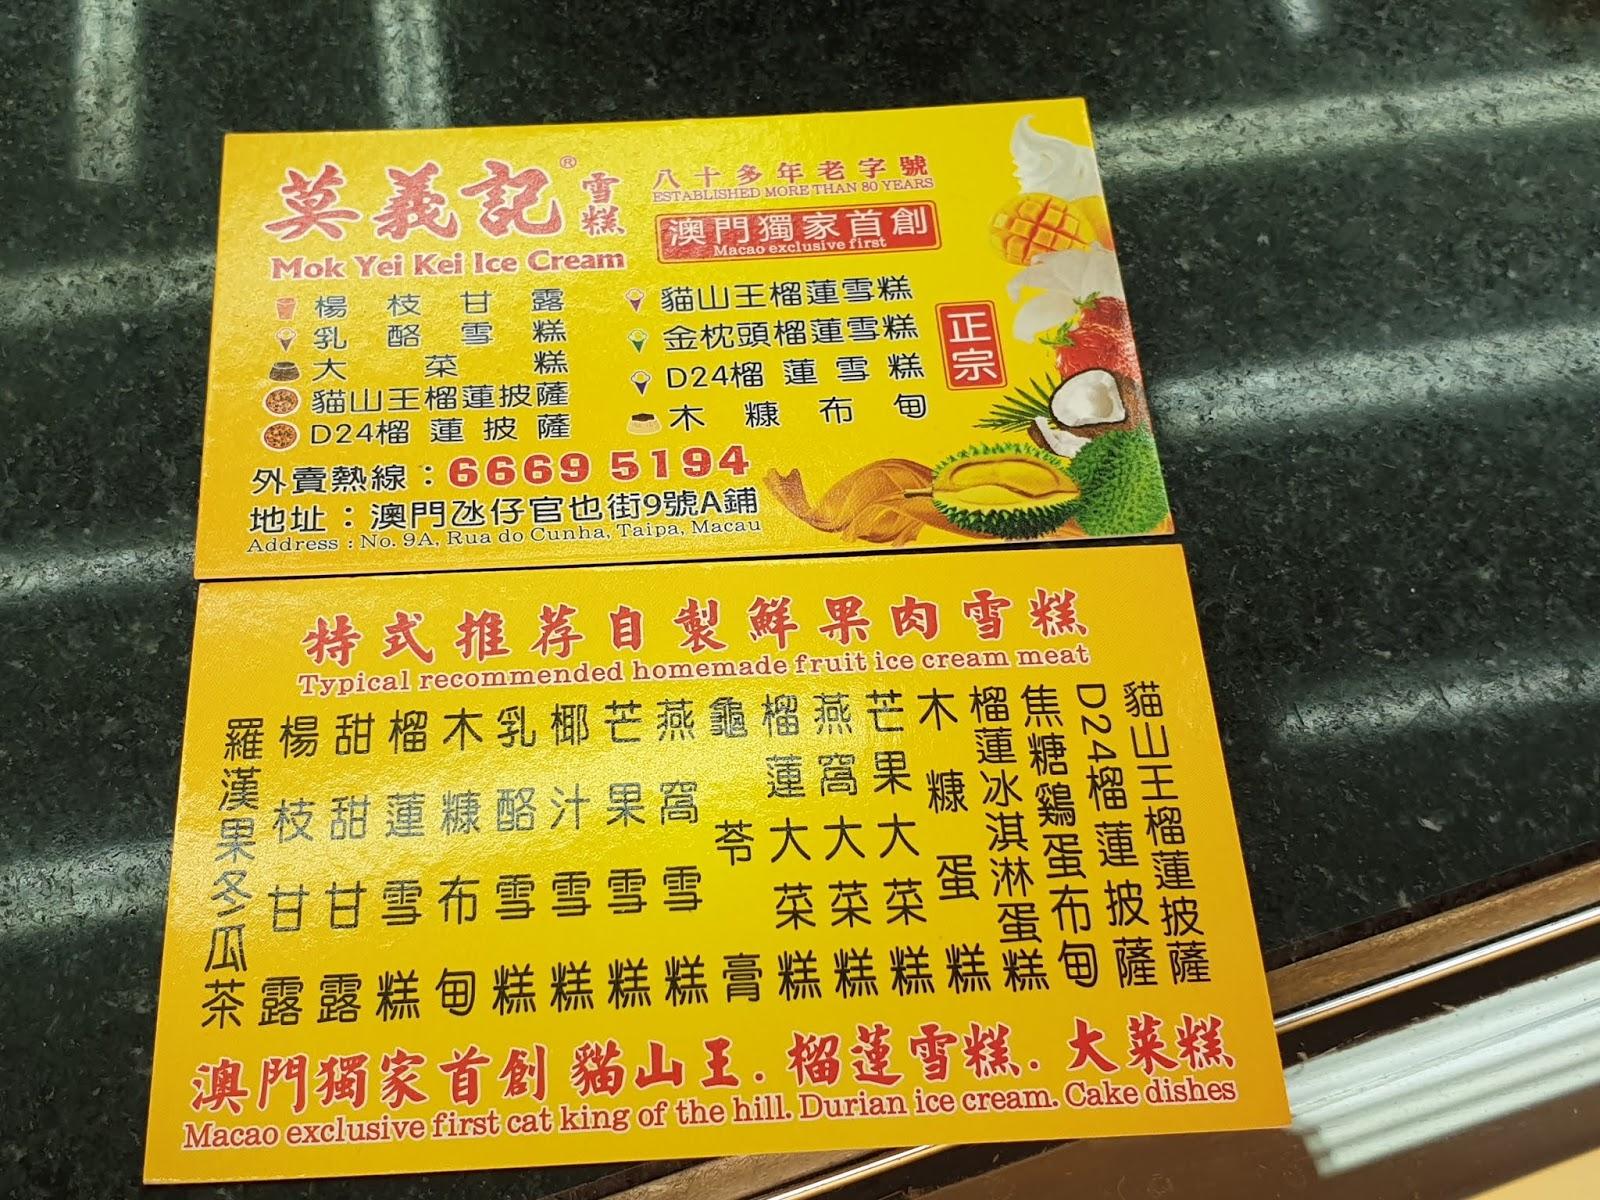 健康素友社: 澳門蔬食遊之莫義記貓山王榴槤雪糕&洪馨椰子雪糕 1080616